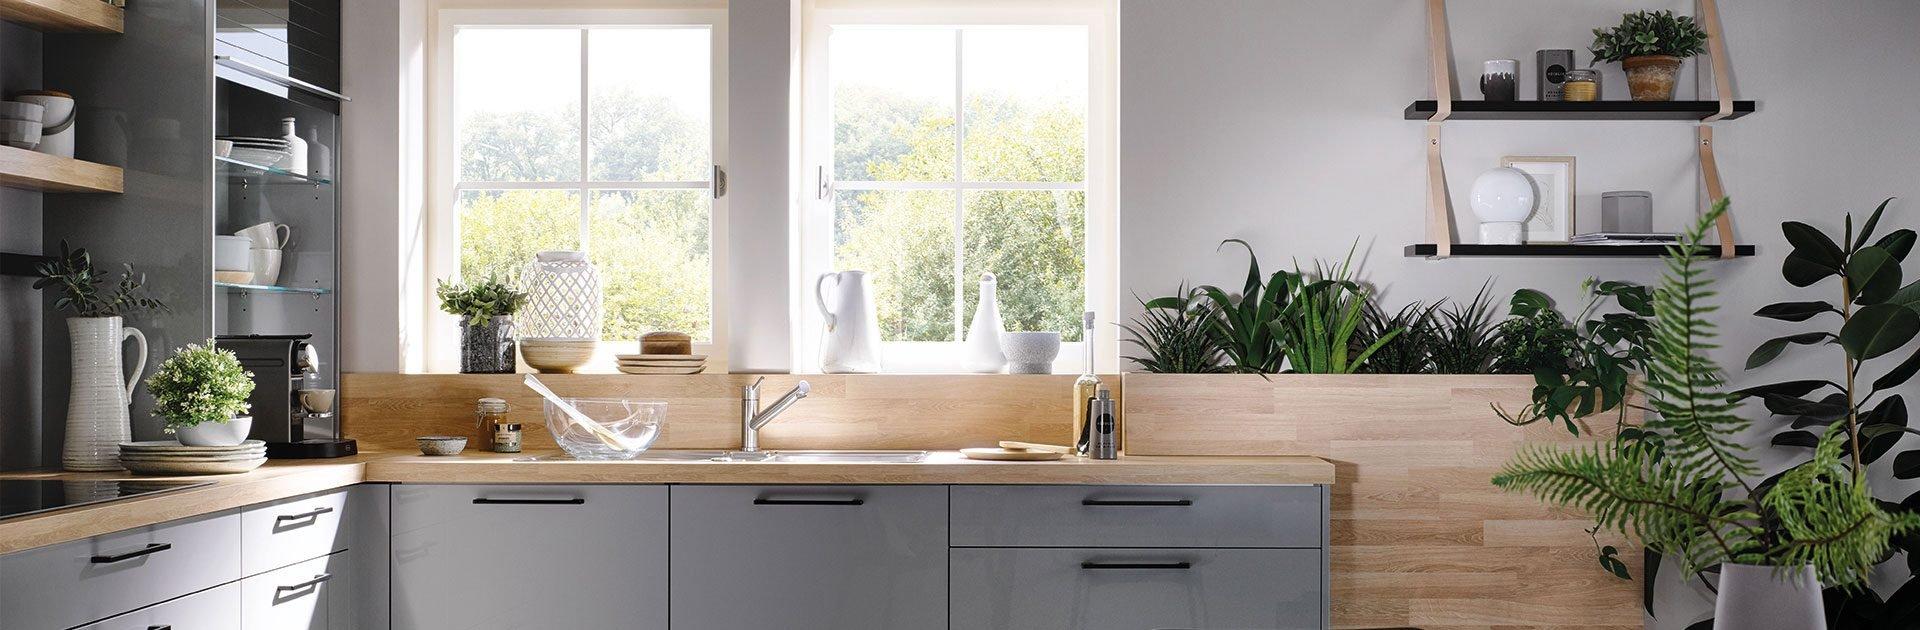 Een Botanische ECOOK keuken | Eigenhuis Keukens